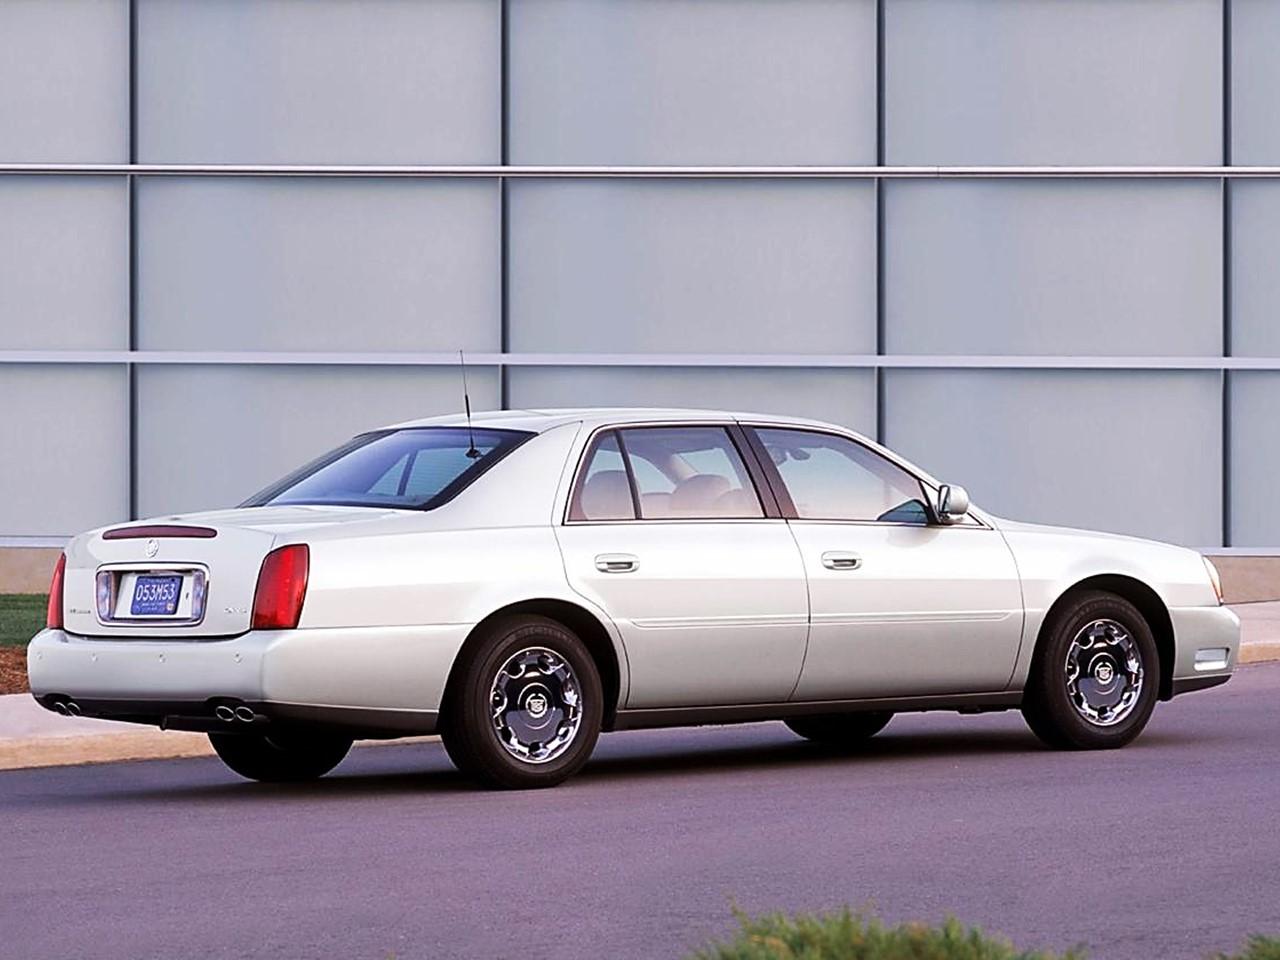 2002 Cadillac DHS 3